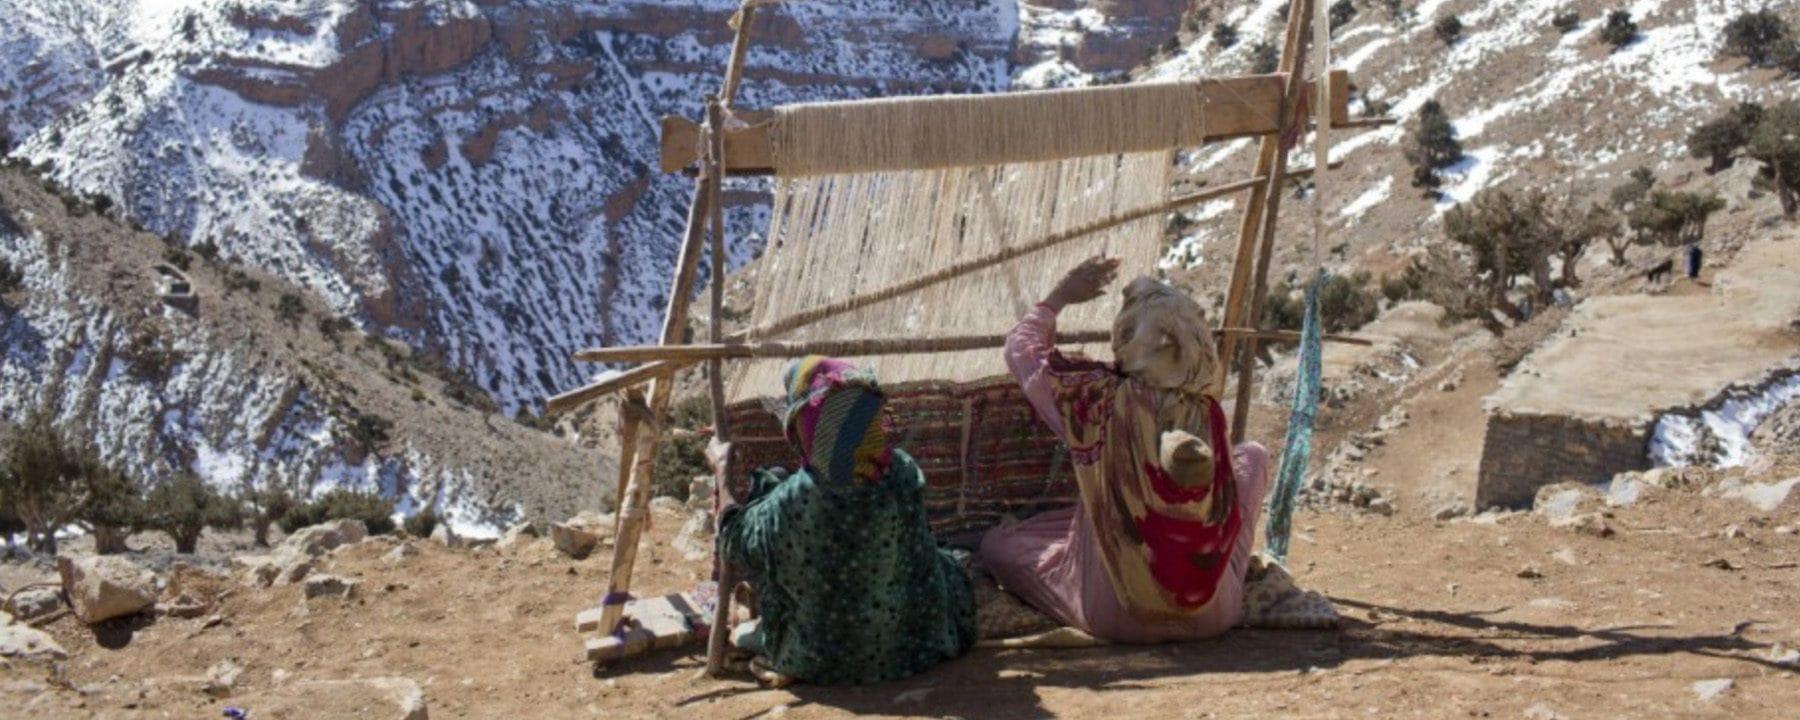 berber-women-berber-carpet_source-reuters